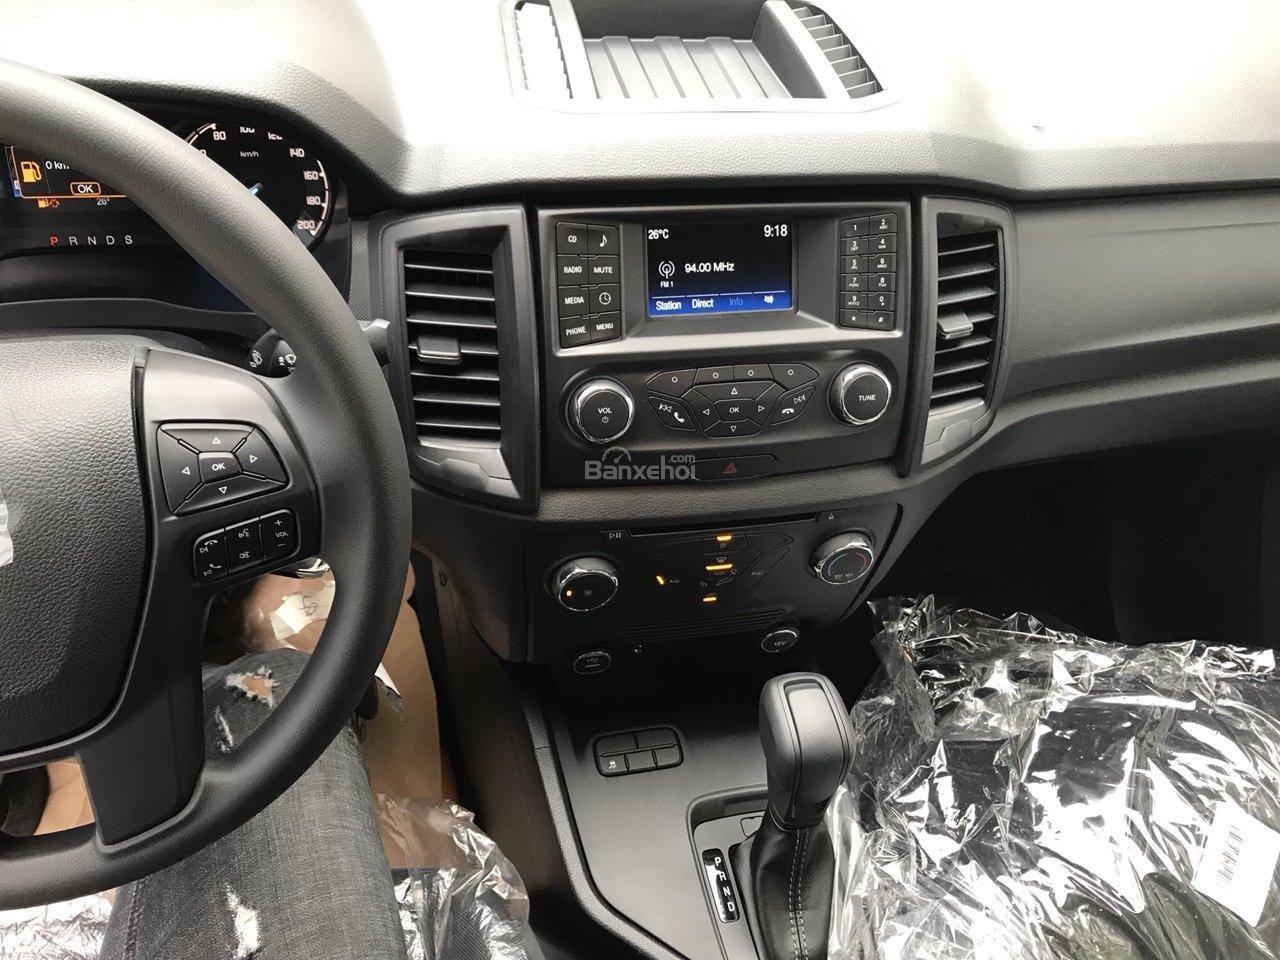 Bán Ford Ranger XLS 2.2L 4x2 AT màu xám - 650 triệu, xe giao ngay KM phụ kiện chính hãng-6